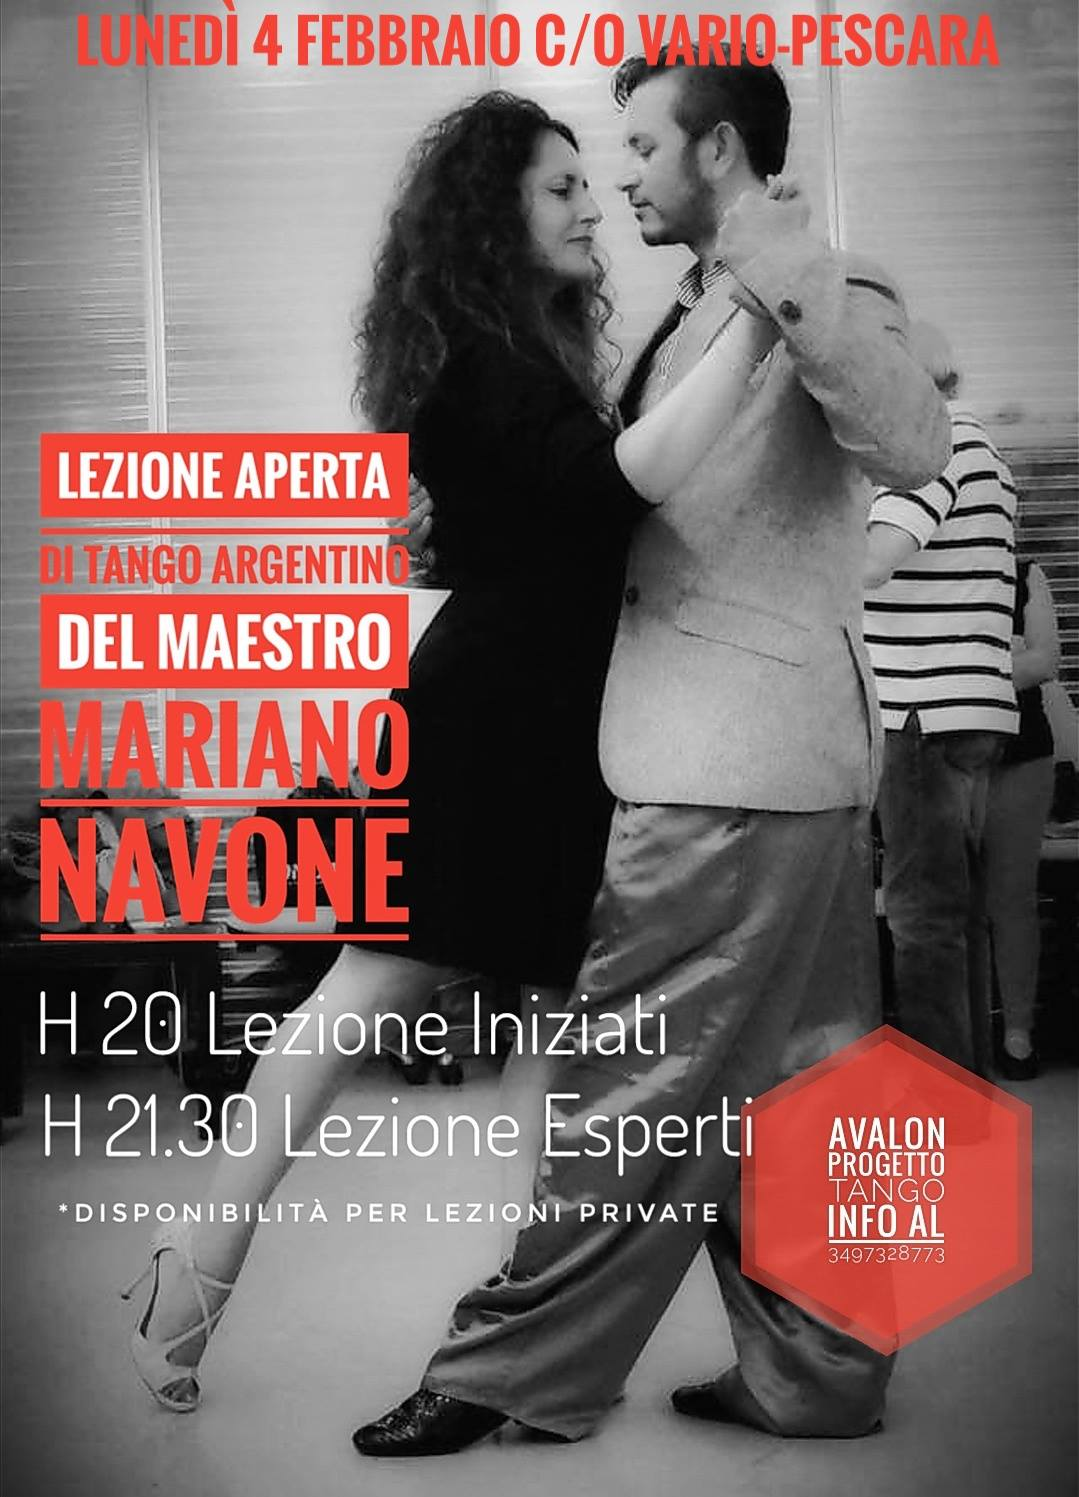 Lunedì 4 febbraio la lezione di tango argentino del Maestro Mariano Navone - avalon progetto tango